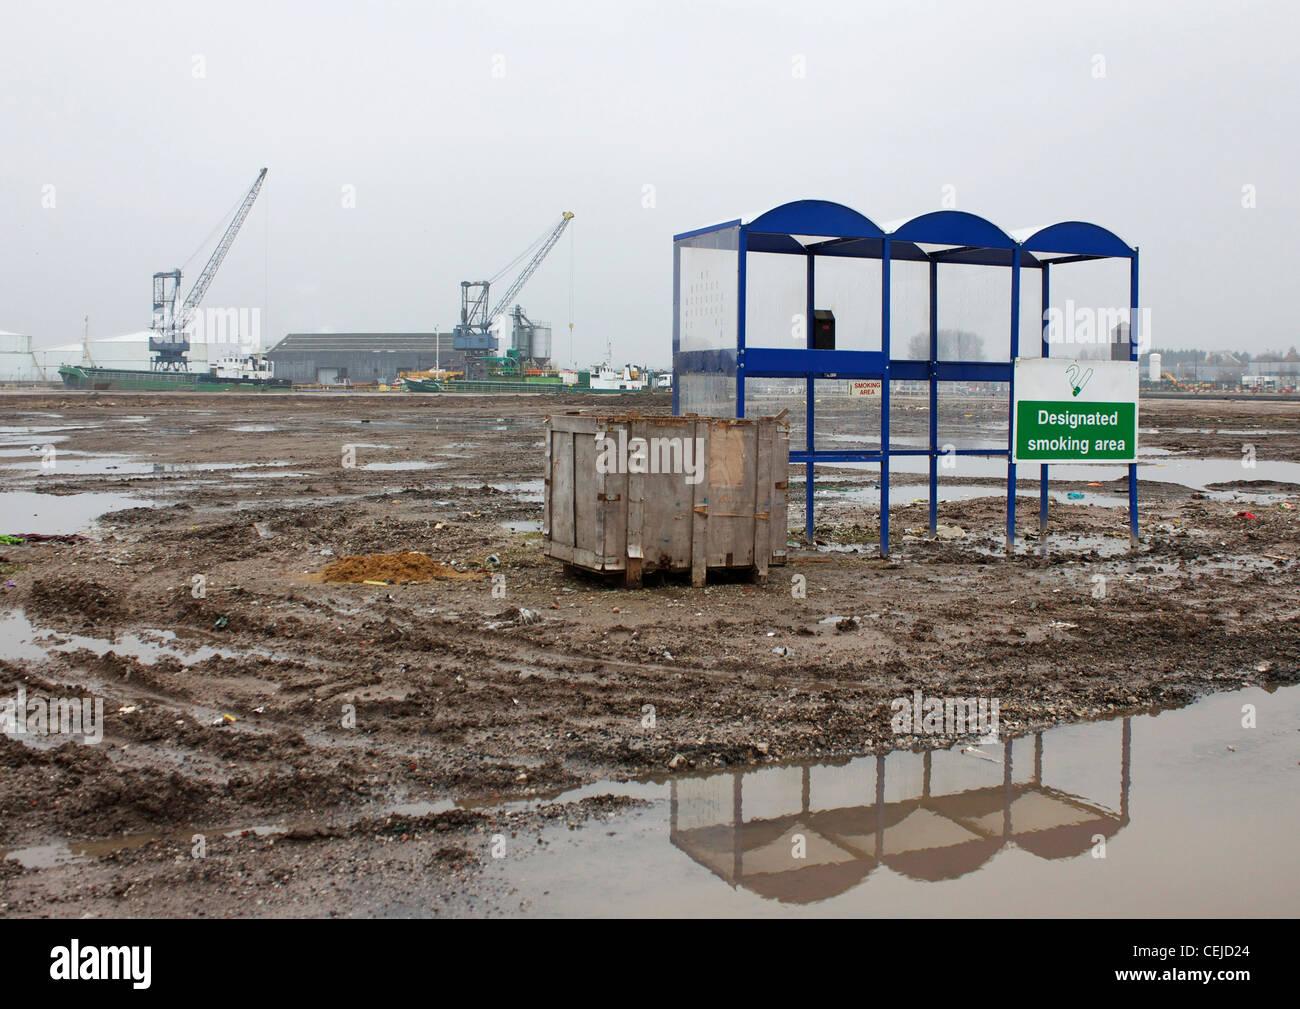 Un abri pour fumeurs tout seul dans un désert de boue et de flaques d'eau, Trafford Park, Manchester, Angleterre Photo Stock